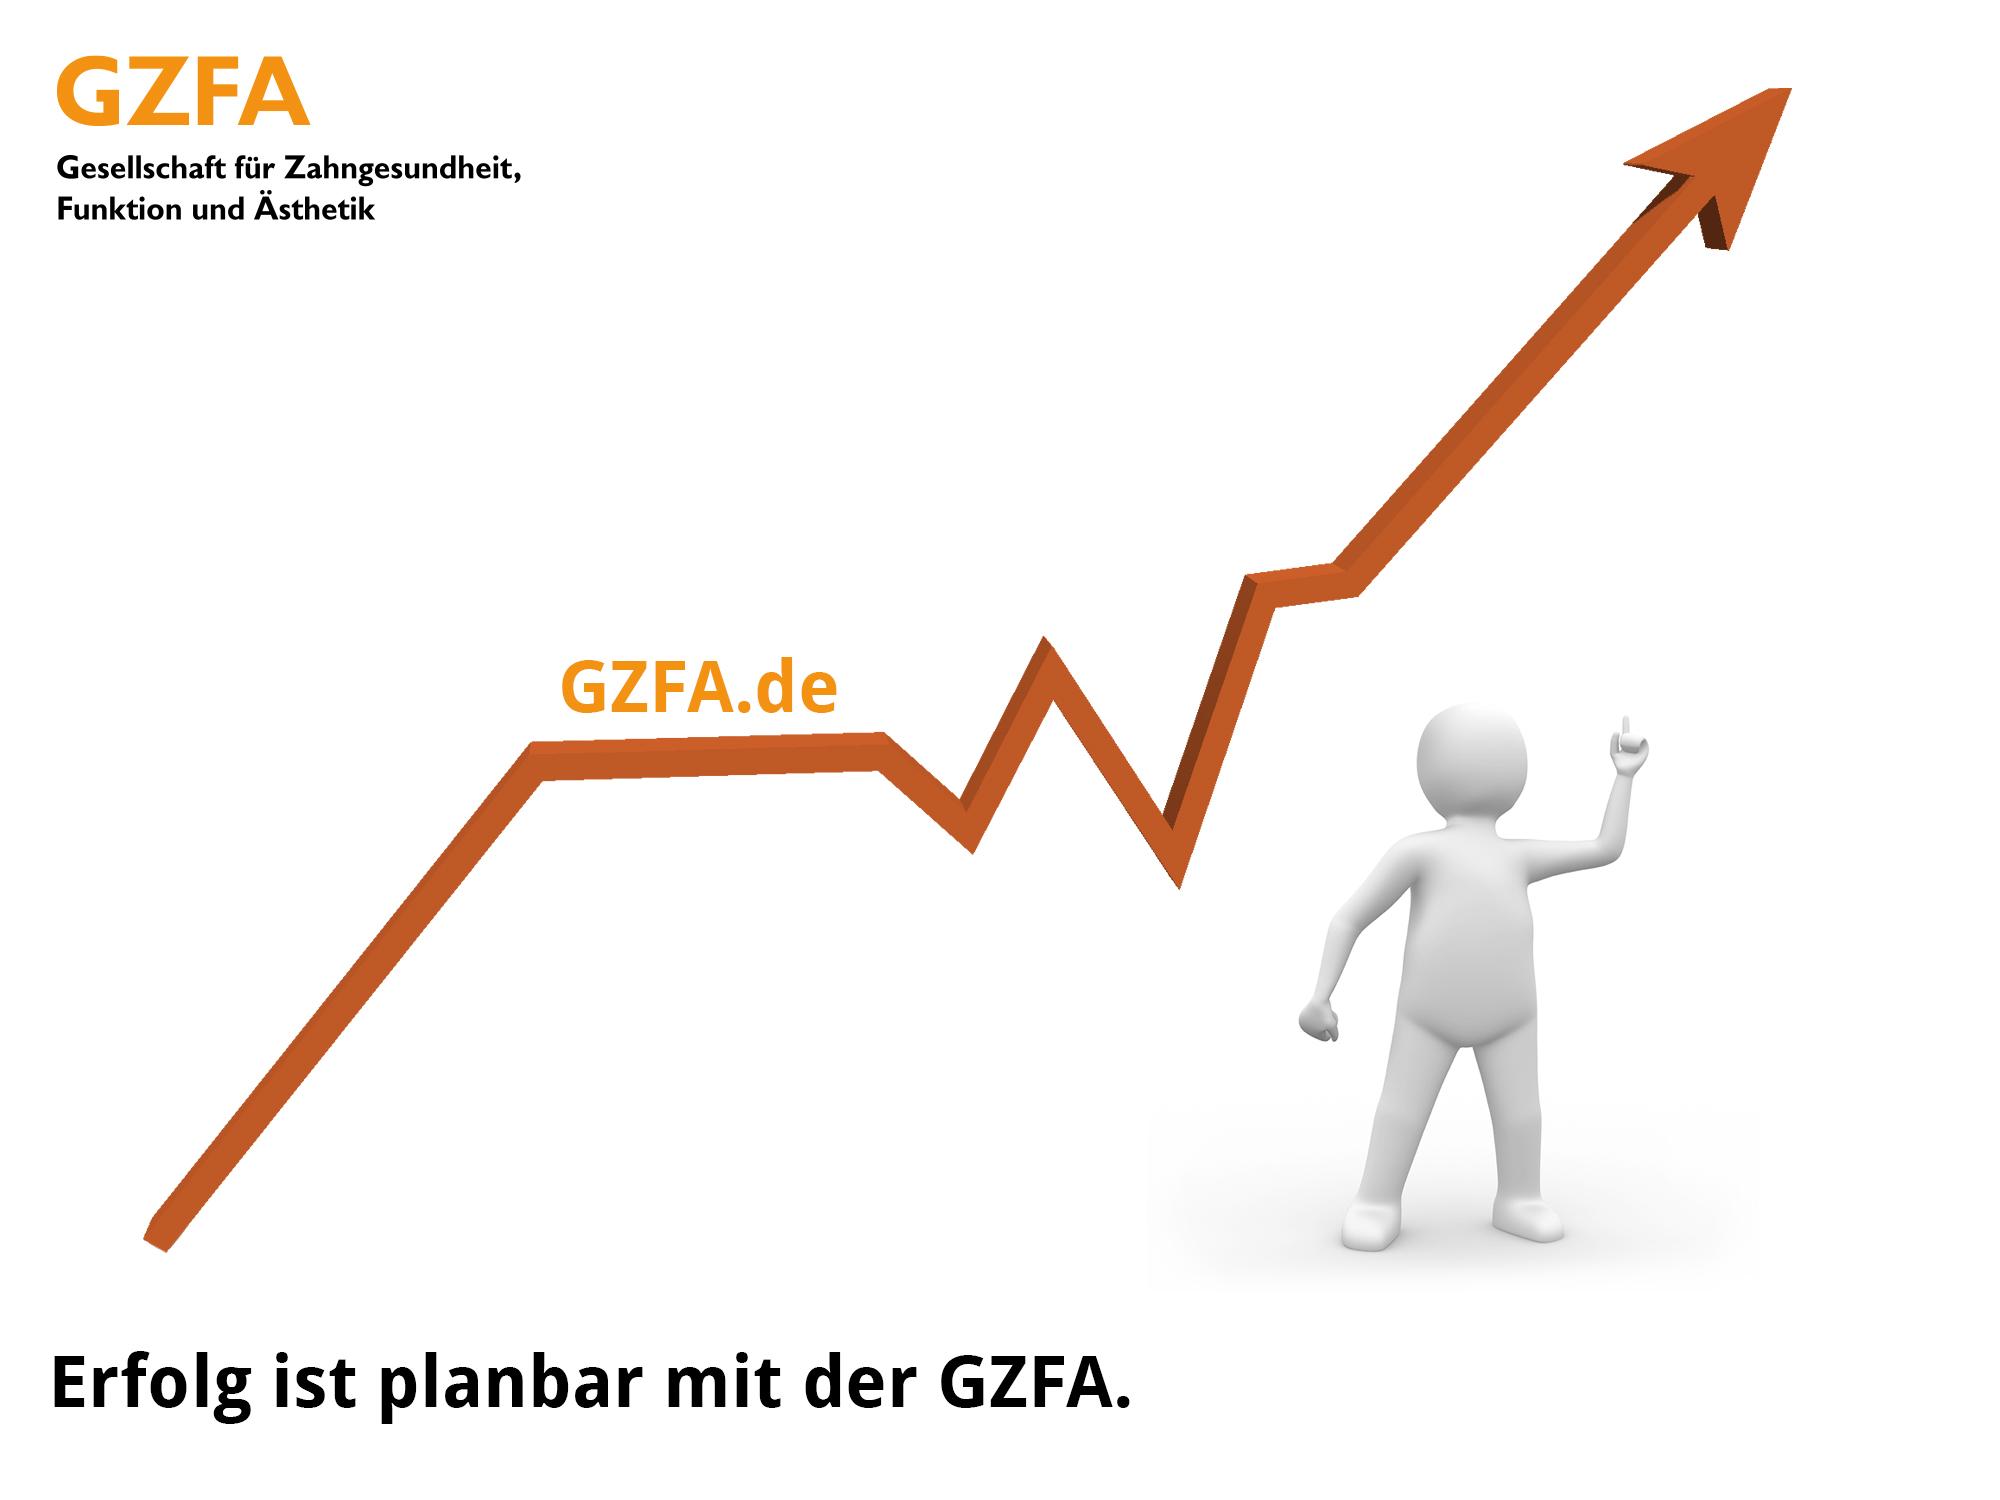 Erfolg ist planbar mit der GZFA